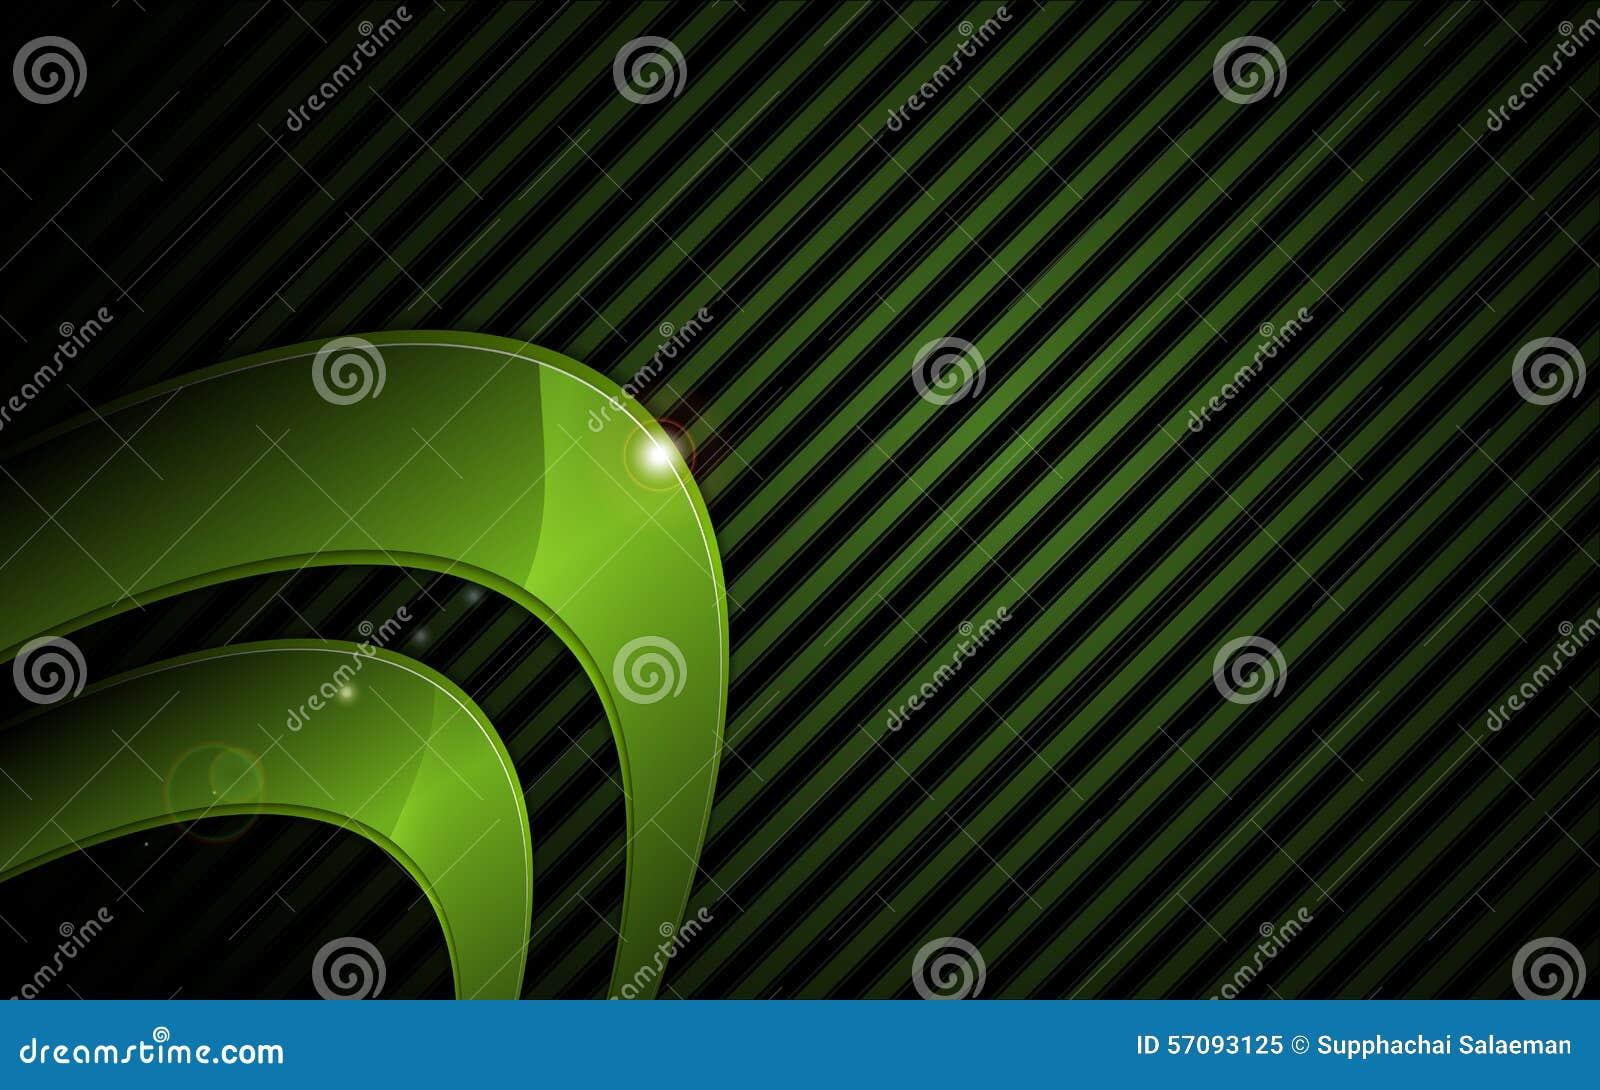 Vector o fundo gráfico metálico verde abstrato do conceito da tecnologia do quadro olá!